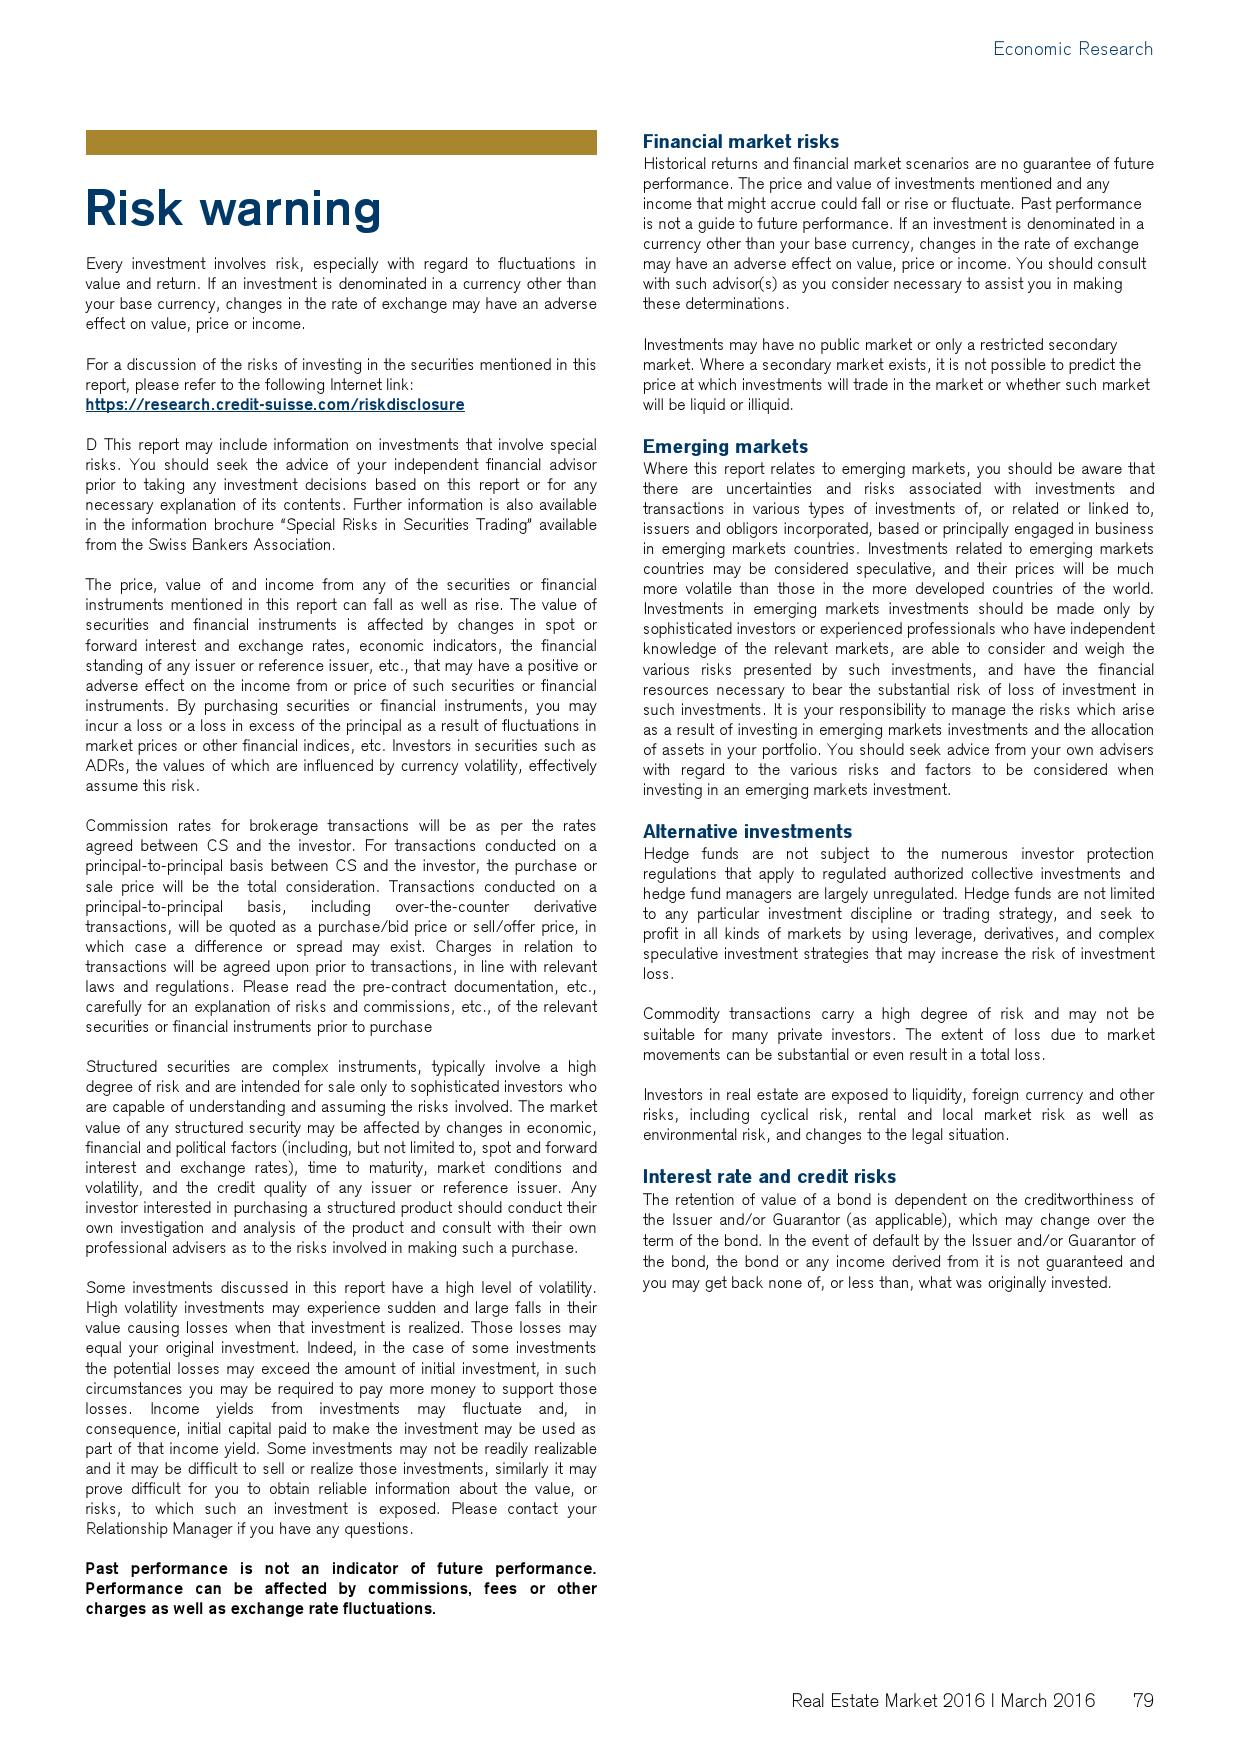 2016年瑞士房地产市场研究报告_000079